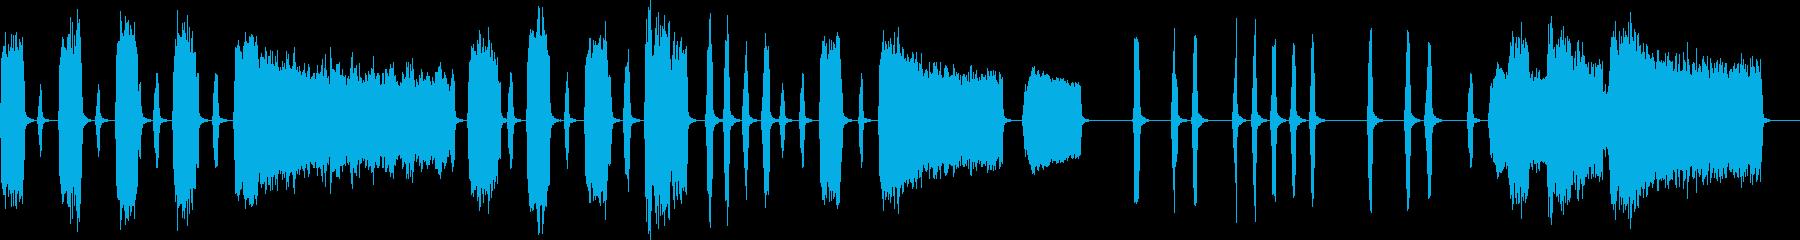 ほのぼのしたシンプルなインスト曲の再生済みの波形